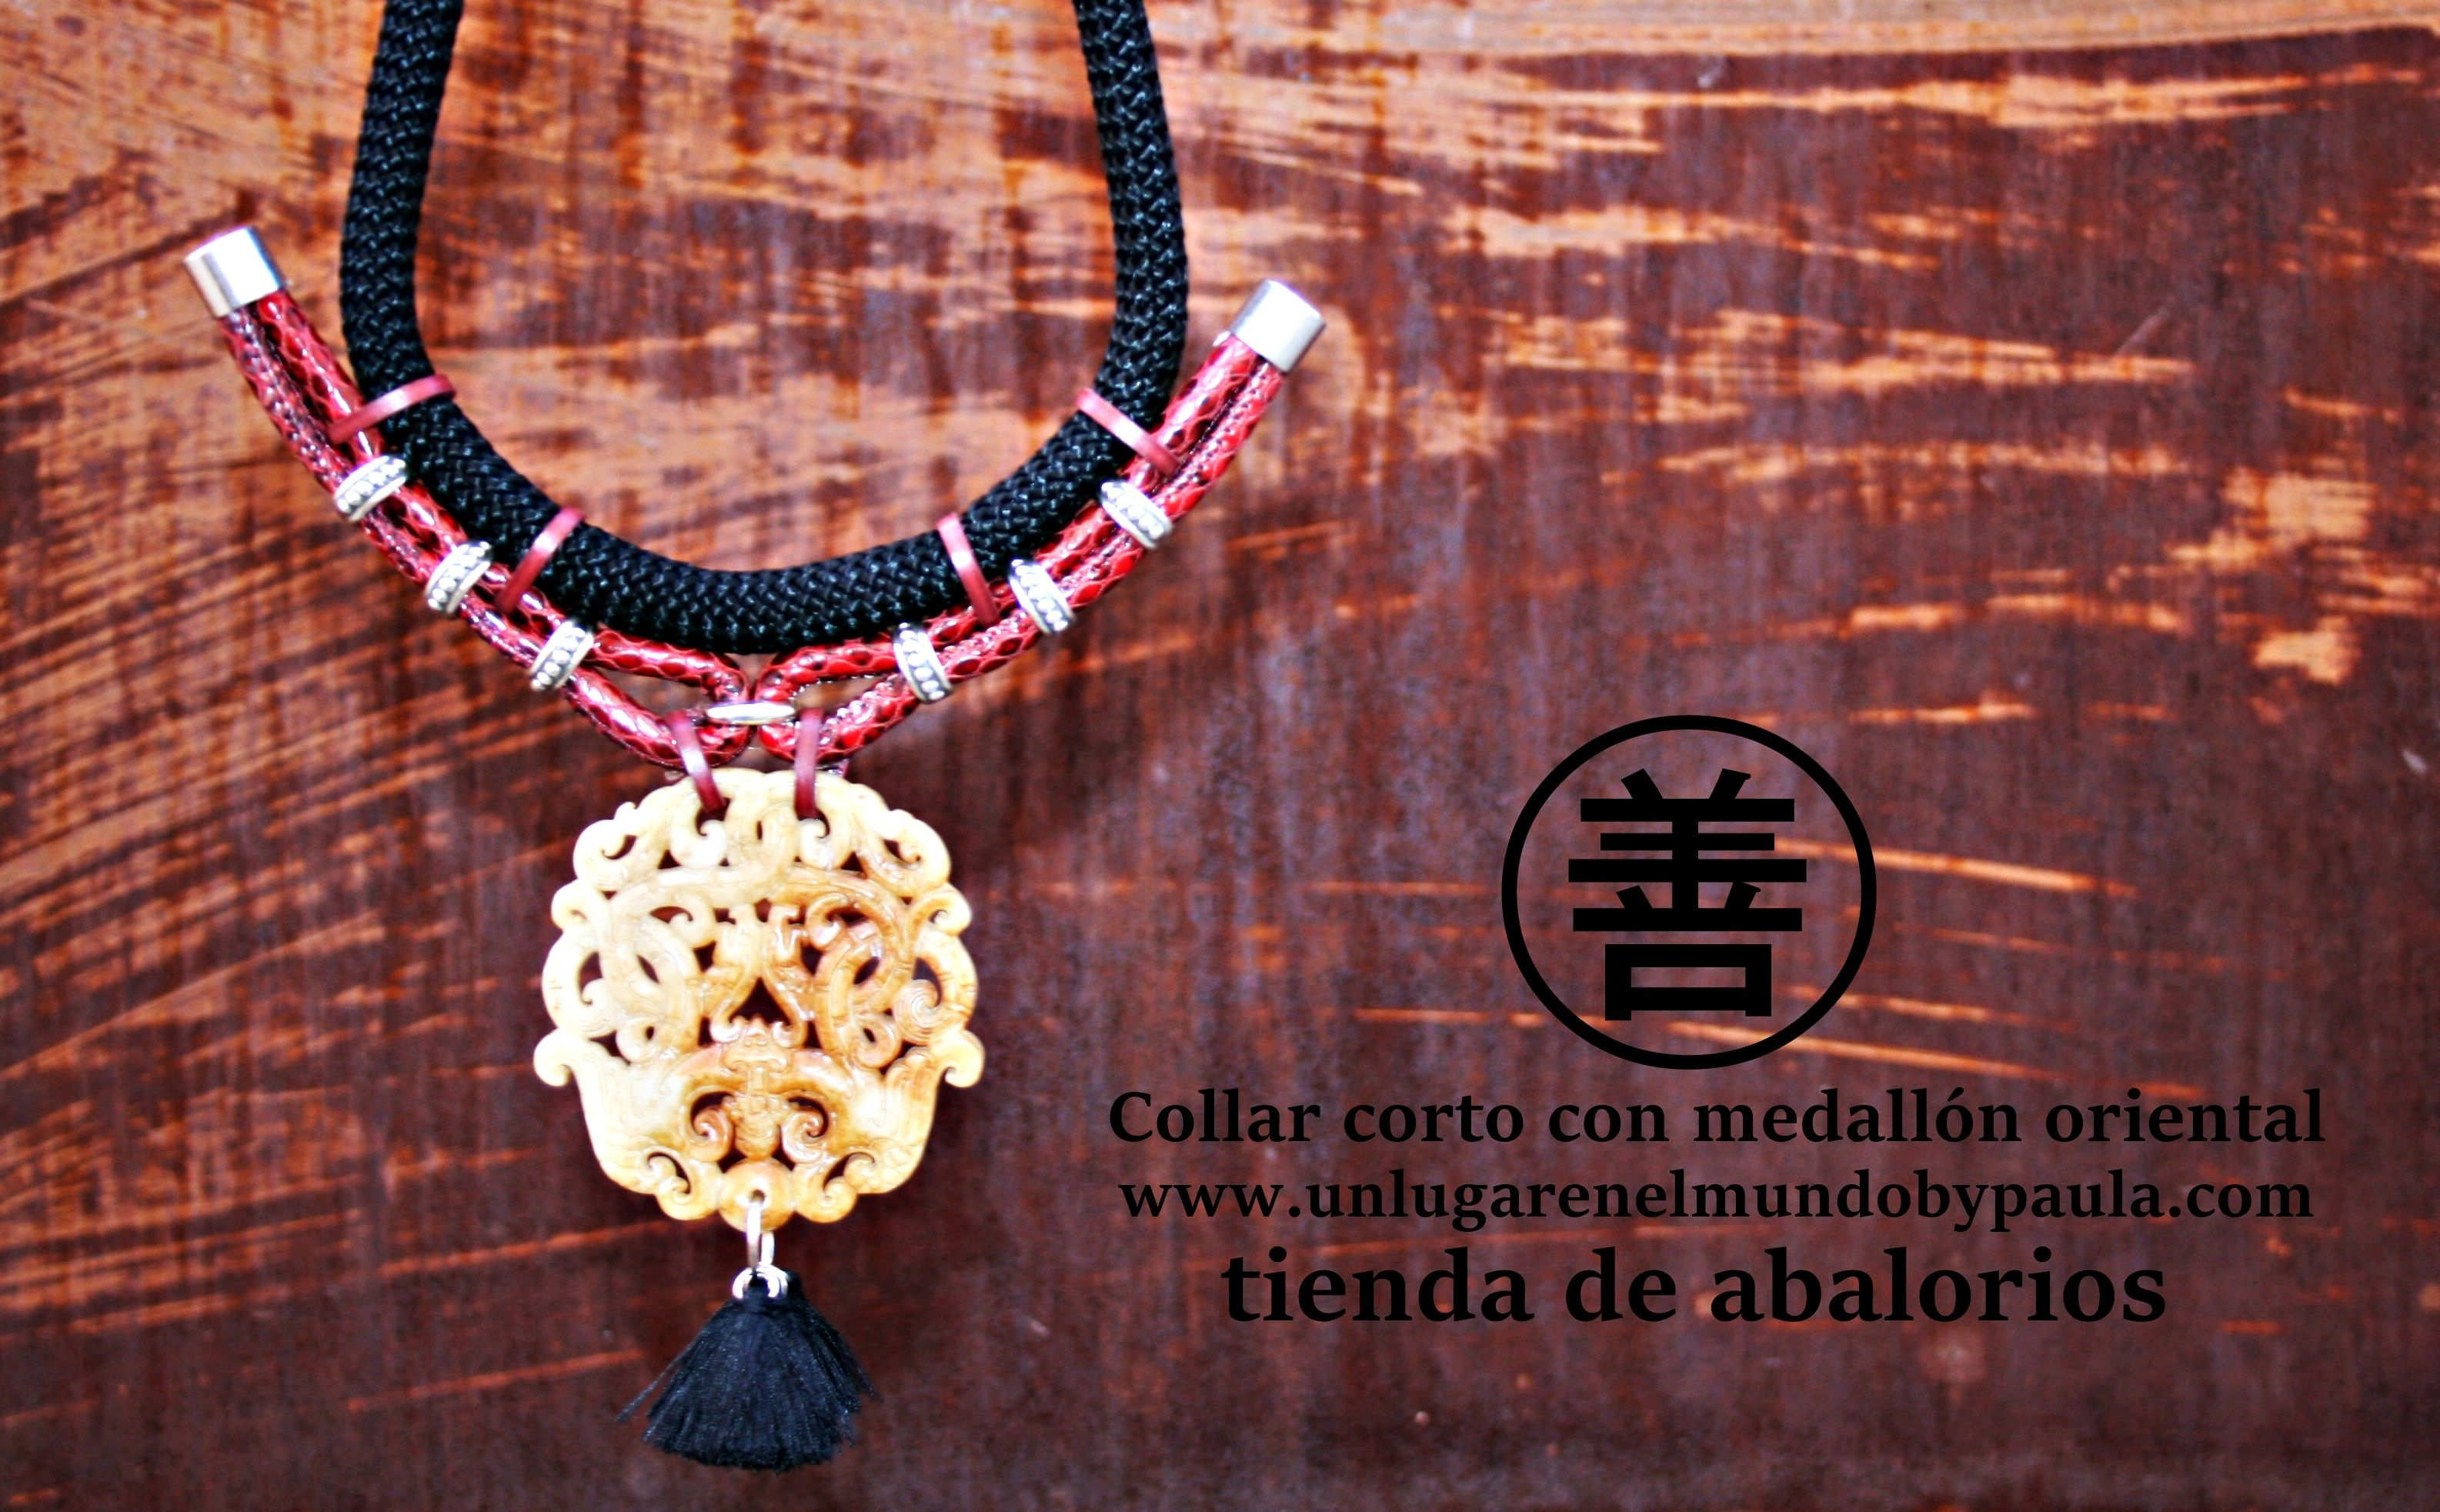 Collar corto con medallón de piedra natural. Tienda de abalorios, vendemos material, damos ideas. www.unlugarenelmundobypaula.com